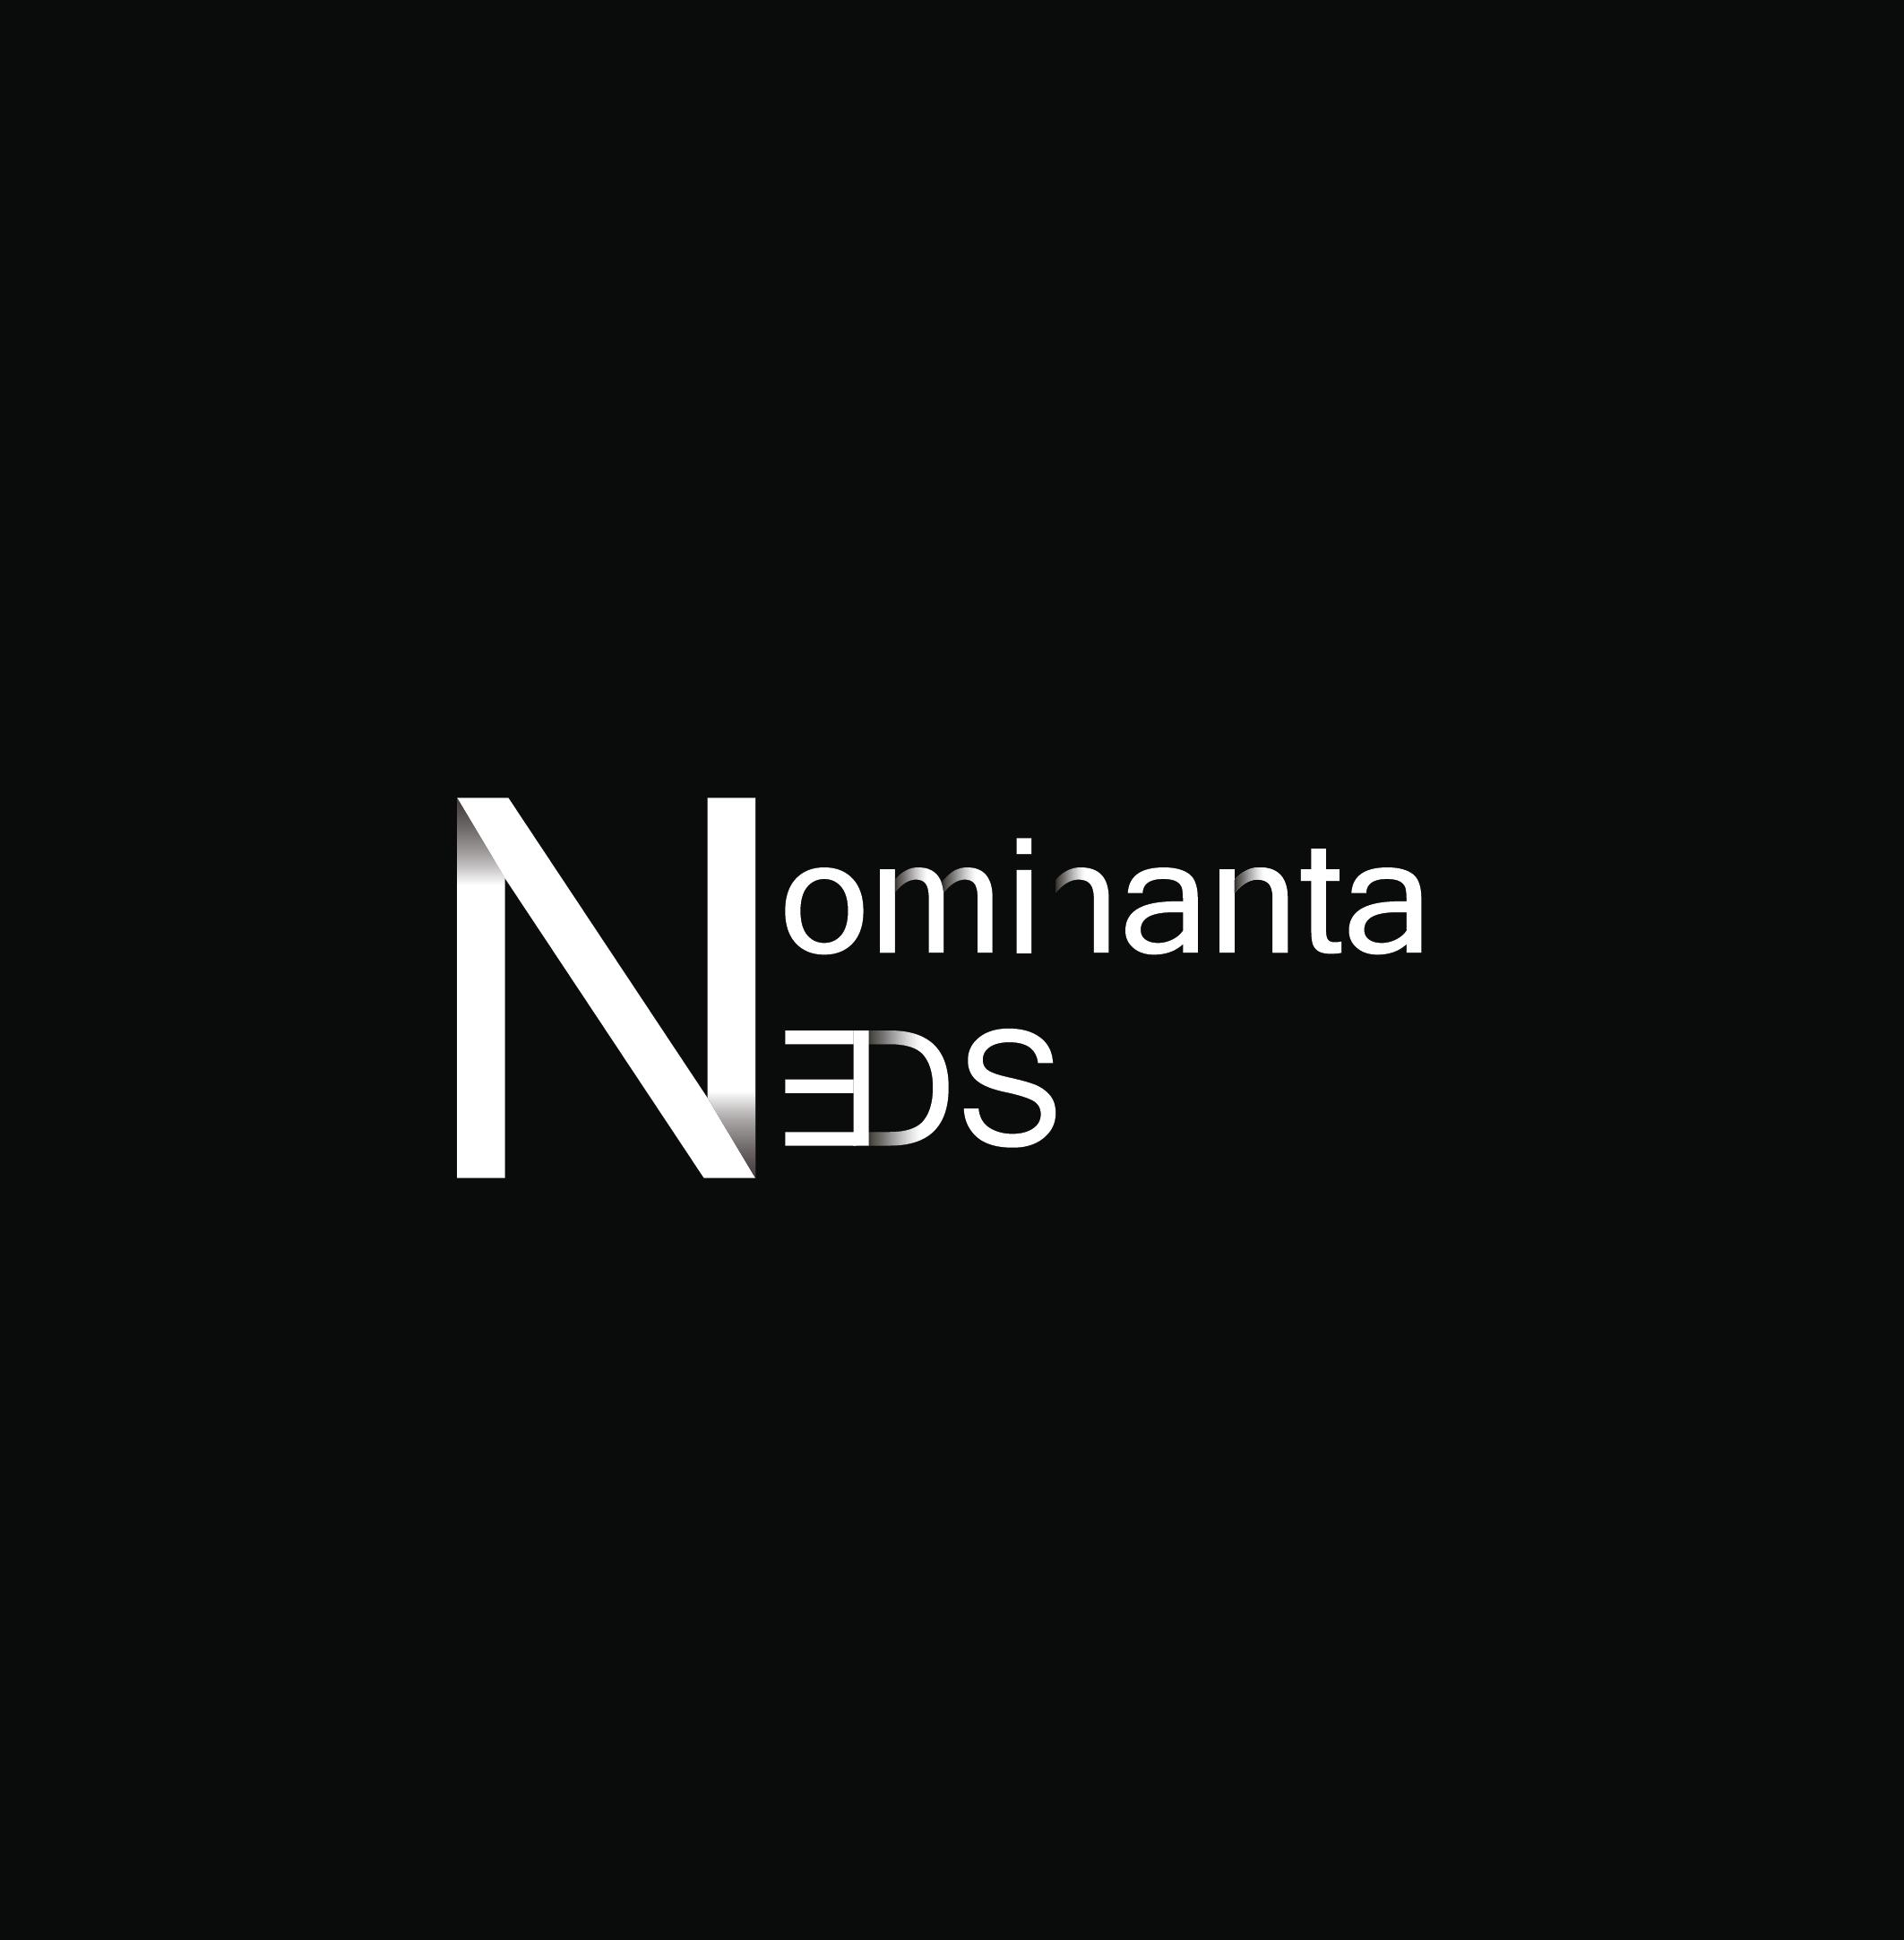 Разработать логотип для КБ по разработке электроники фото f_9255e3f0e876323a.png